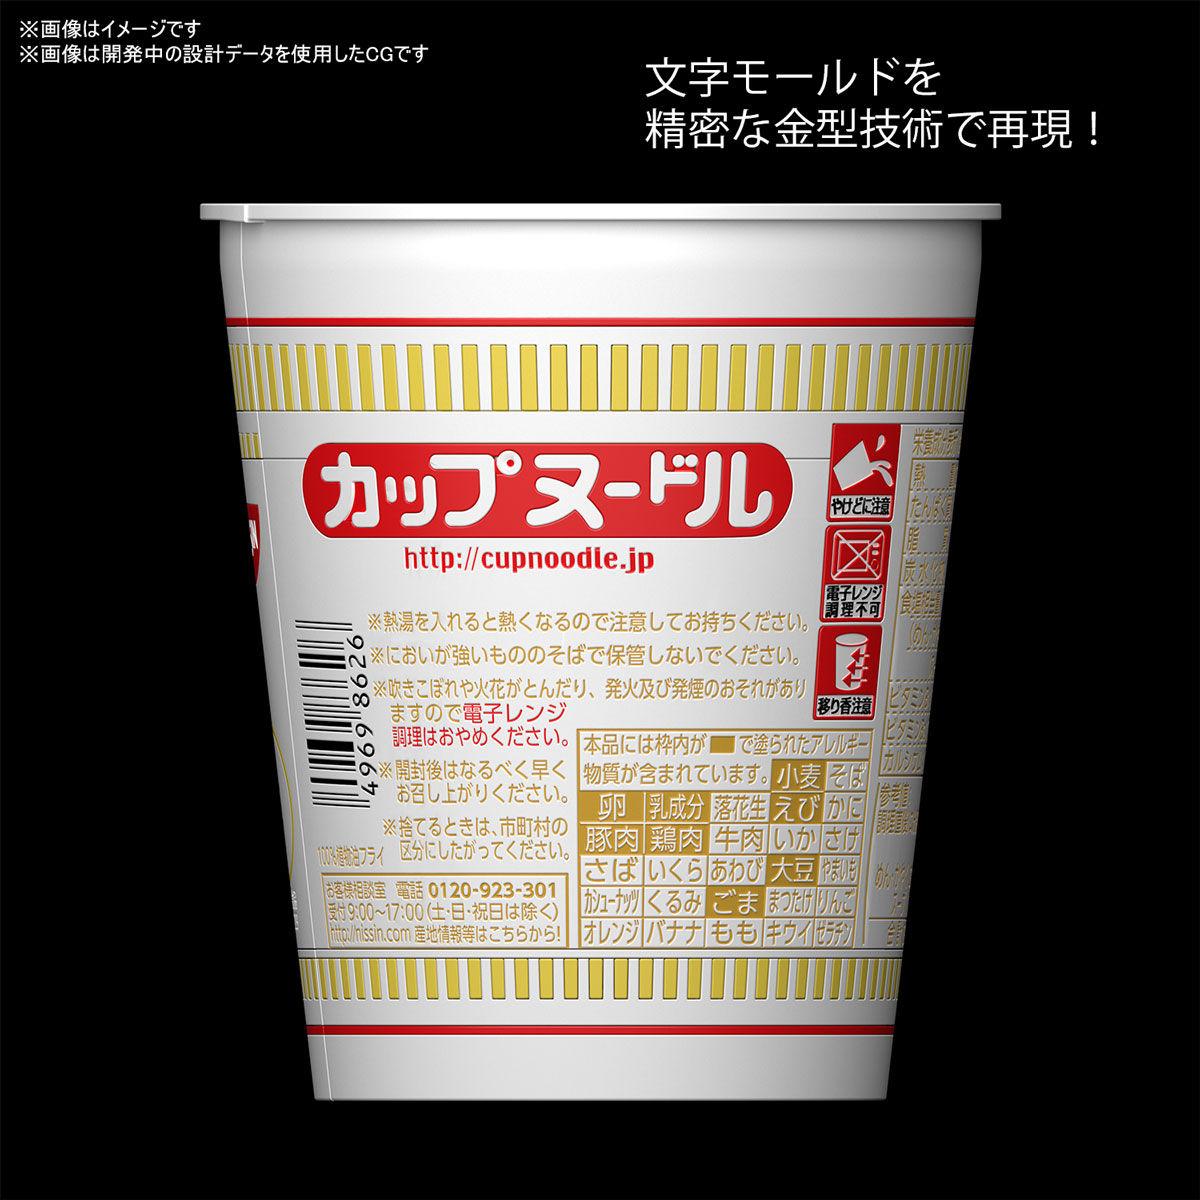 BEST HIT CHRONICLE『カップヌードル』1/1 プラモデル-004